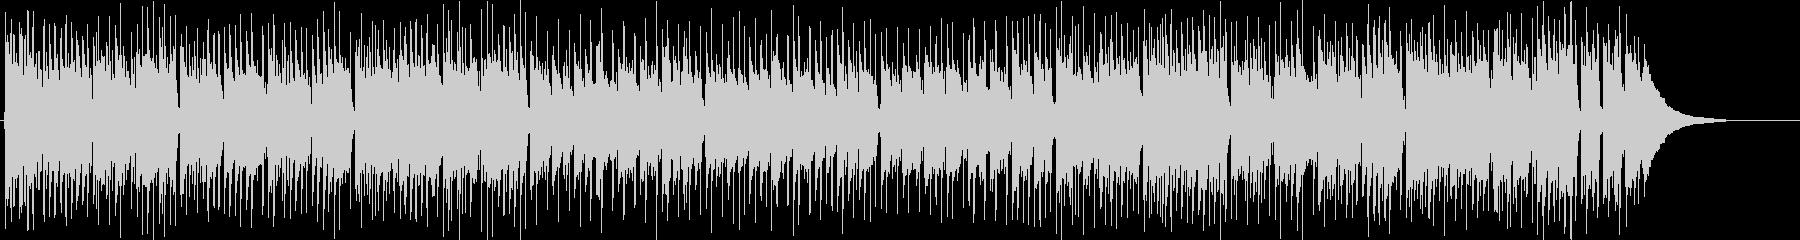 アコギ 生演奏 楽しい アイリッシュの未再生の波形